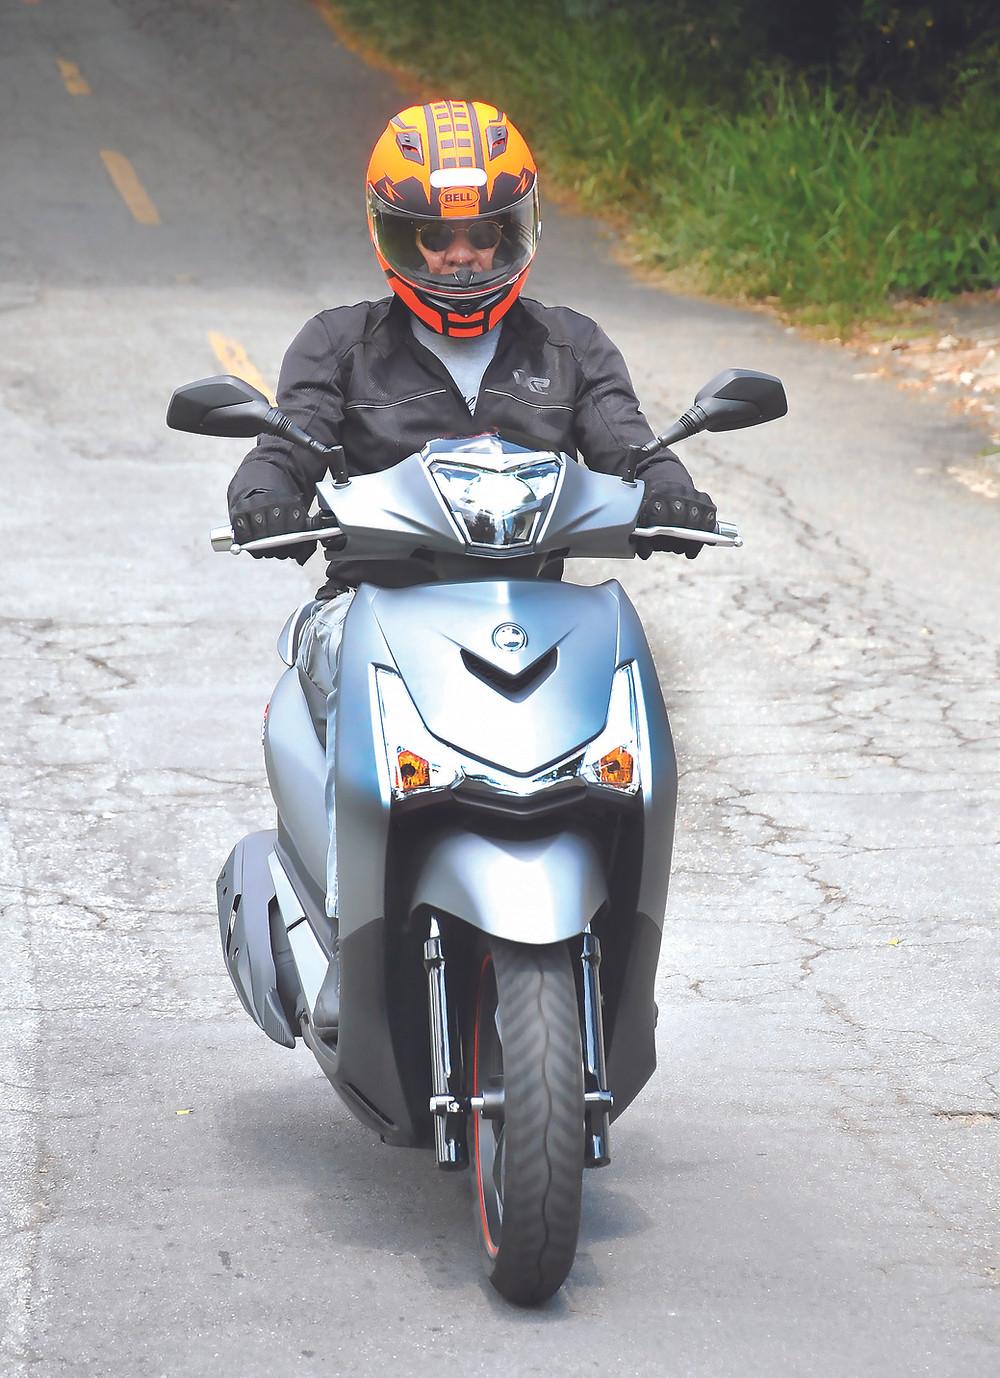 frente do scooter Dafra Sym Citycom HD 300